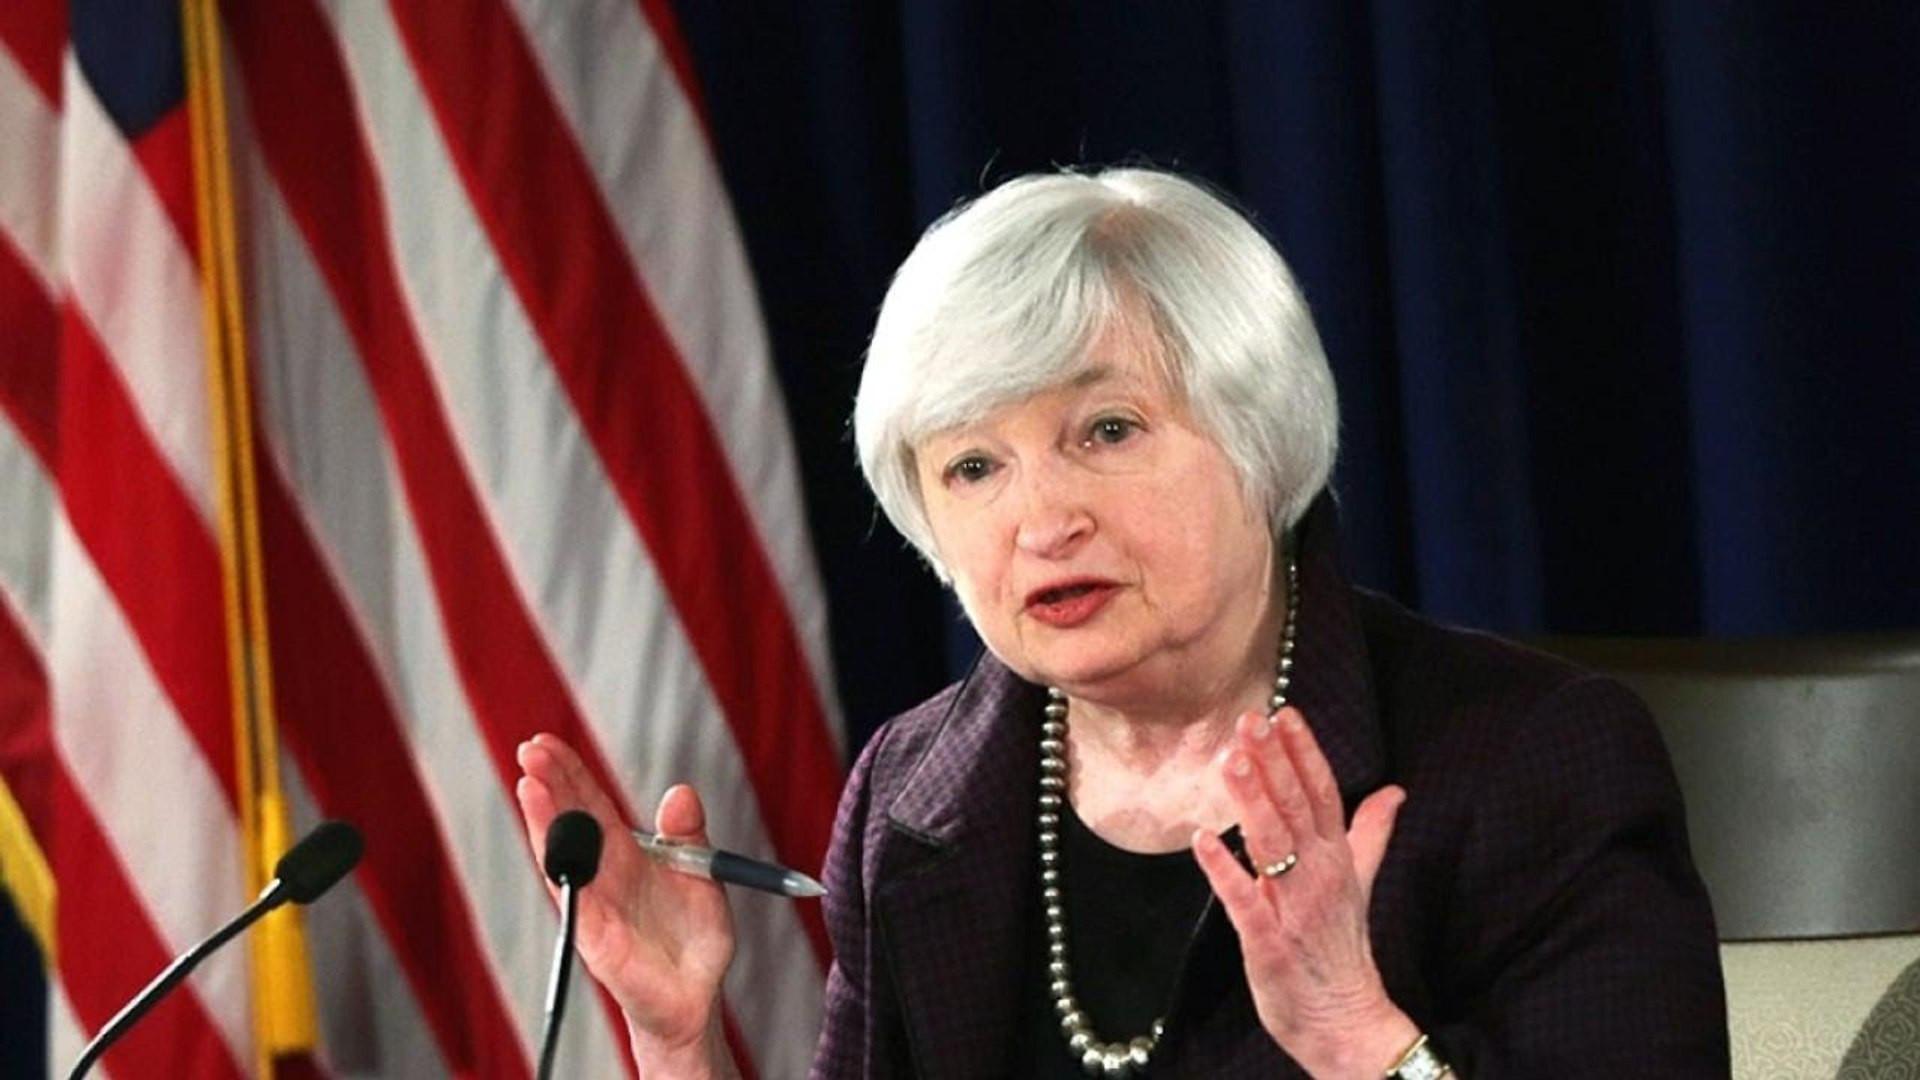 Yellen: ABD ekonomisinin daha fazla yardıma ihtiyacı var